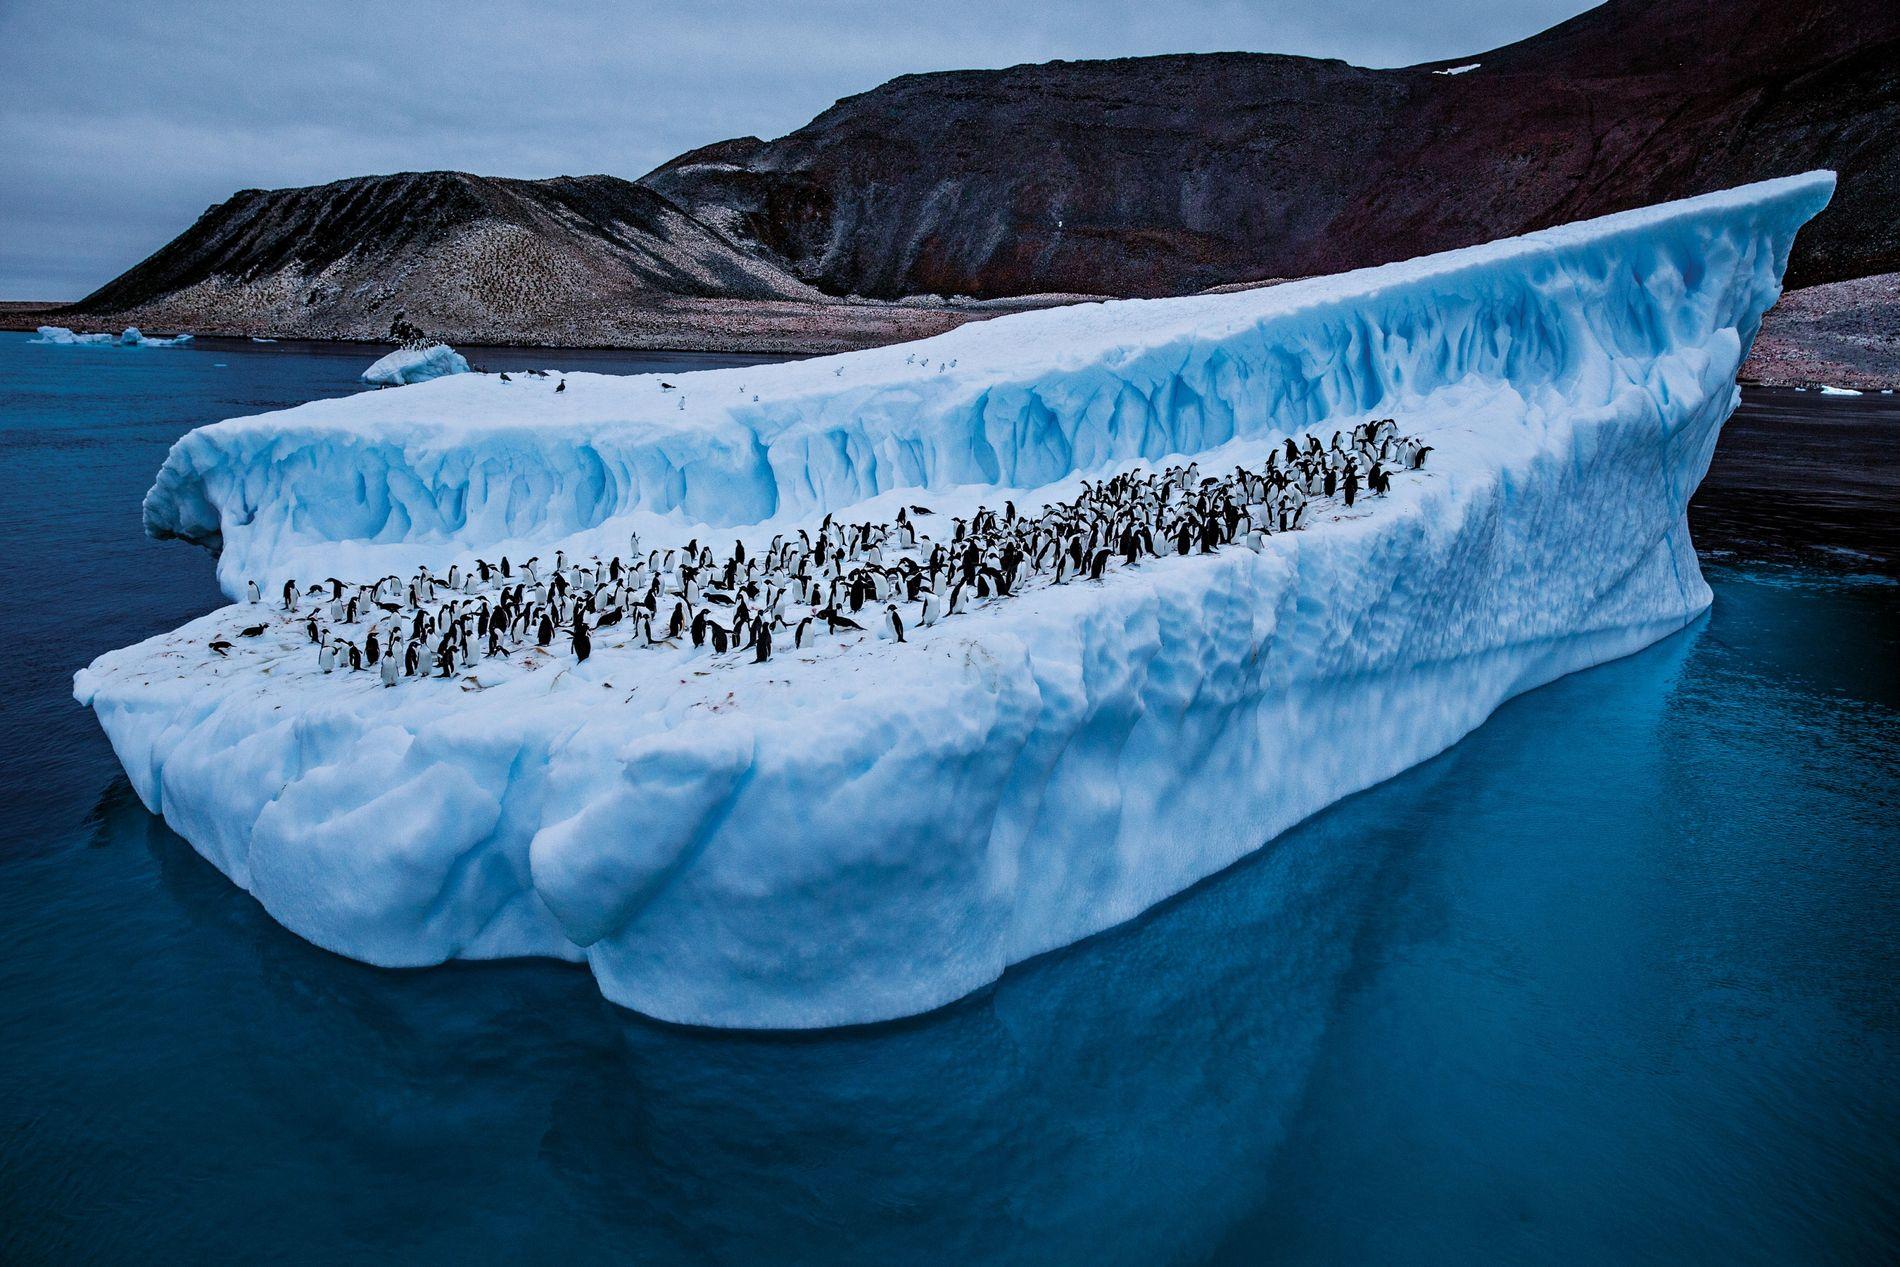 Avec le réchauffement des eaux, les populations de manchots Adélie (ici, devant l'île Paulet) ont diminué dans l'ouest de la péninsule Antarctique. Mais ils prospèrent à la pointe nord, plus froide grâce aux vents et aux courants marins.